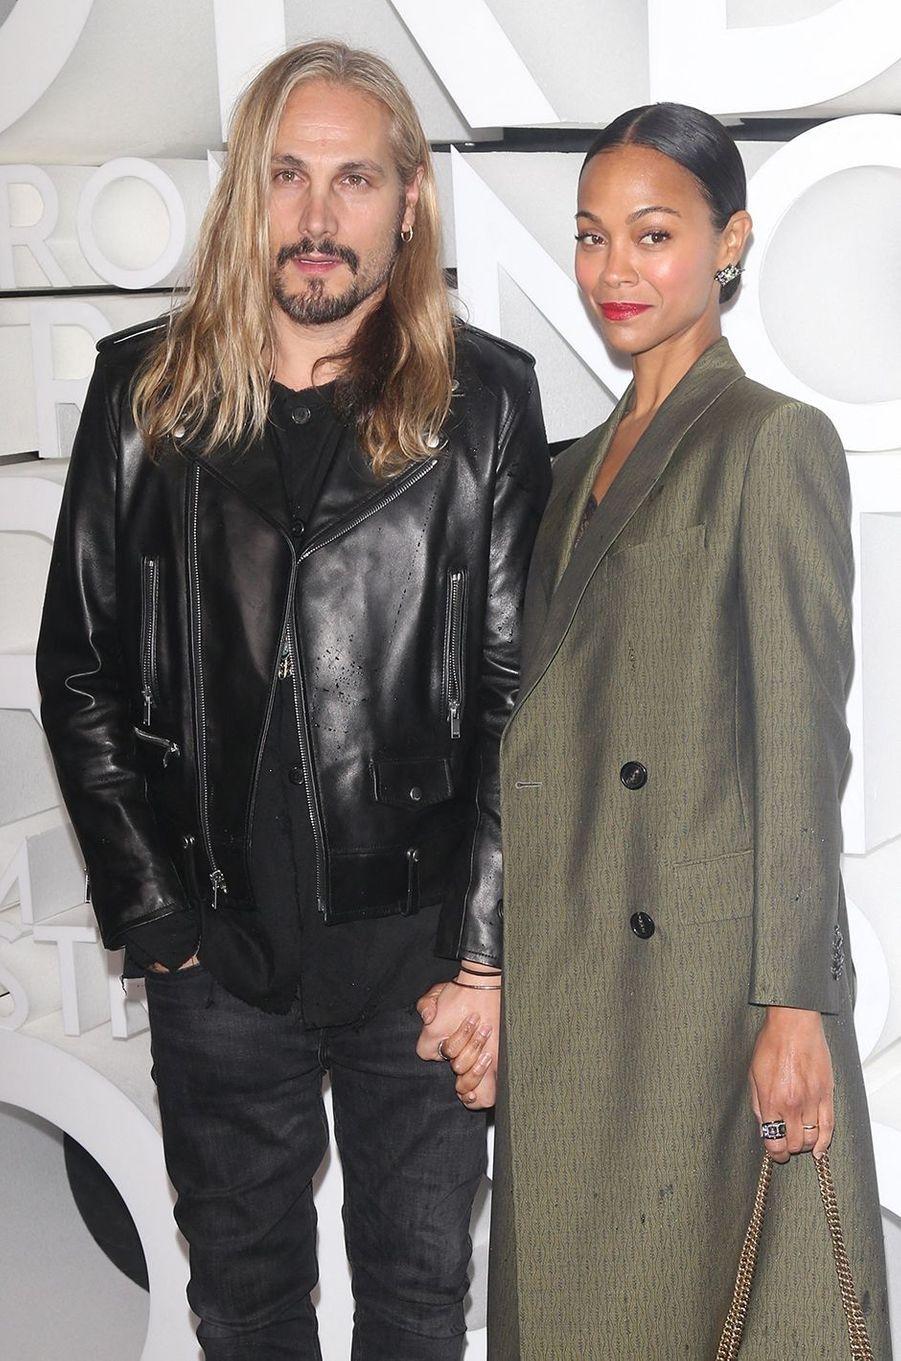 Marco Perego et Zoe Saldana se sont mariés en 2013 après environ trois mois de relation